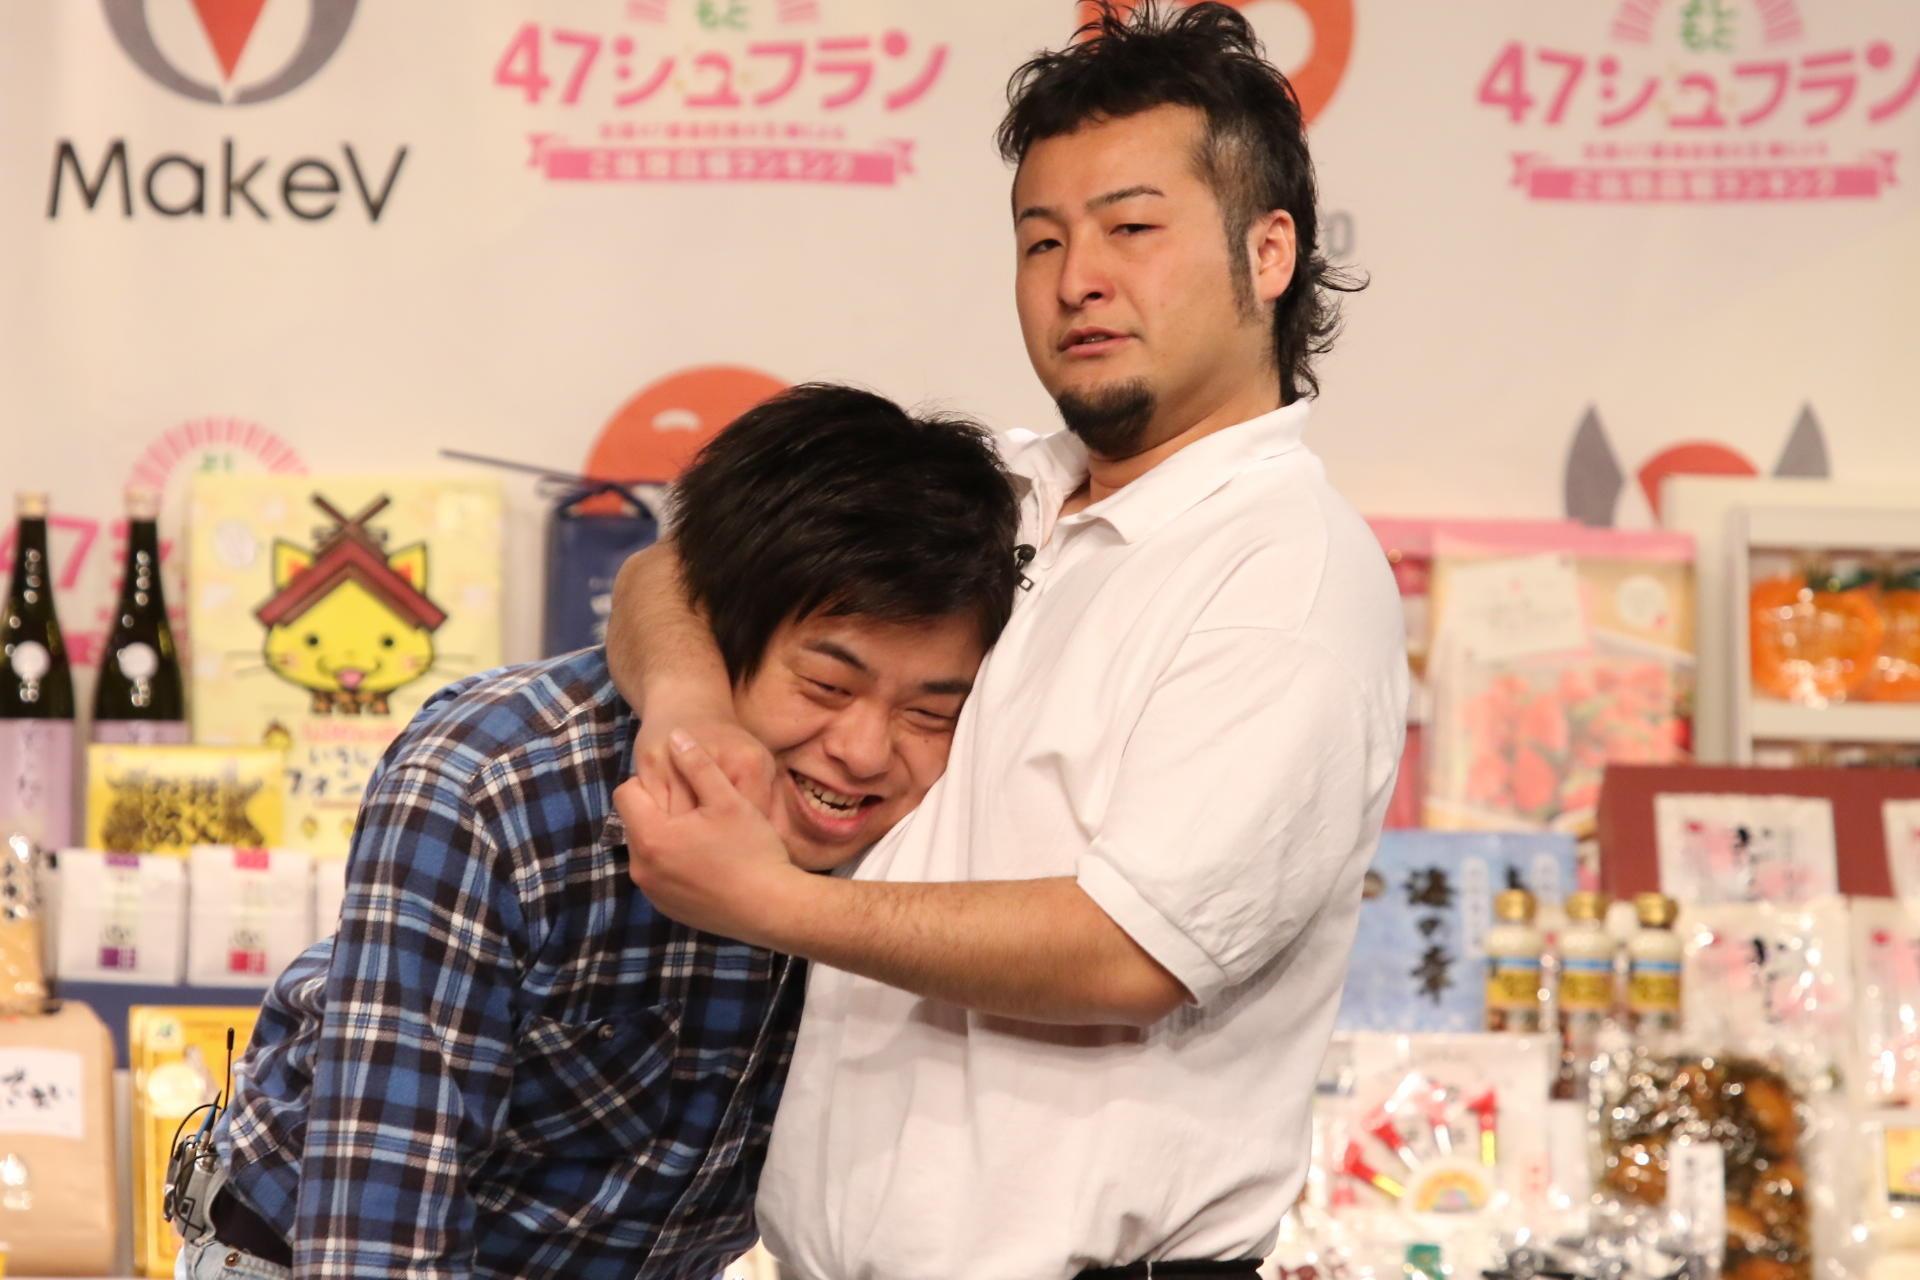 http://news.yoshimoto.co.jp/20180313170645-04bef7d39ec8db0efb0b62204f779d66984d9a48.jpg